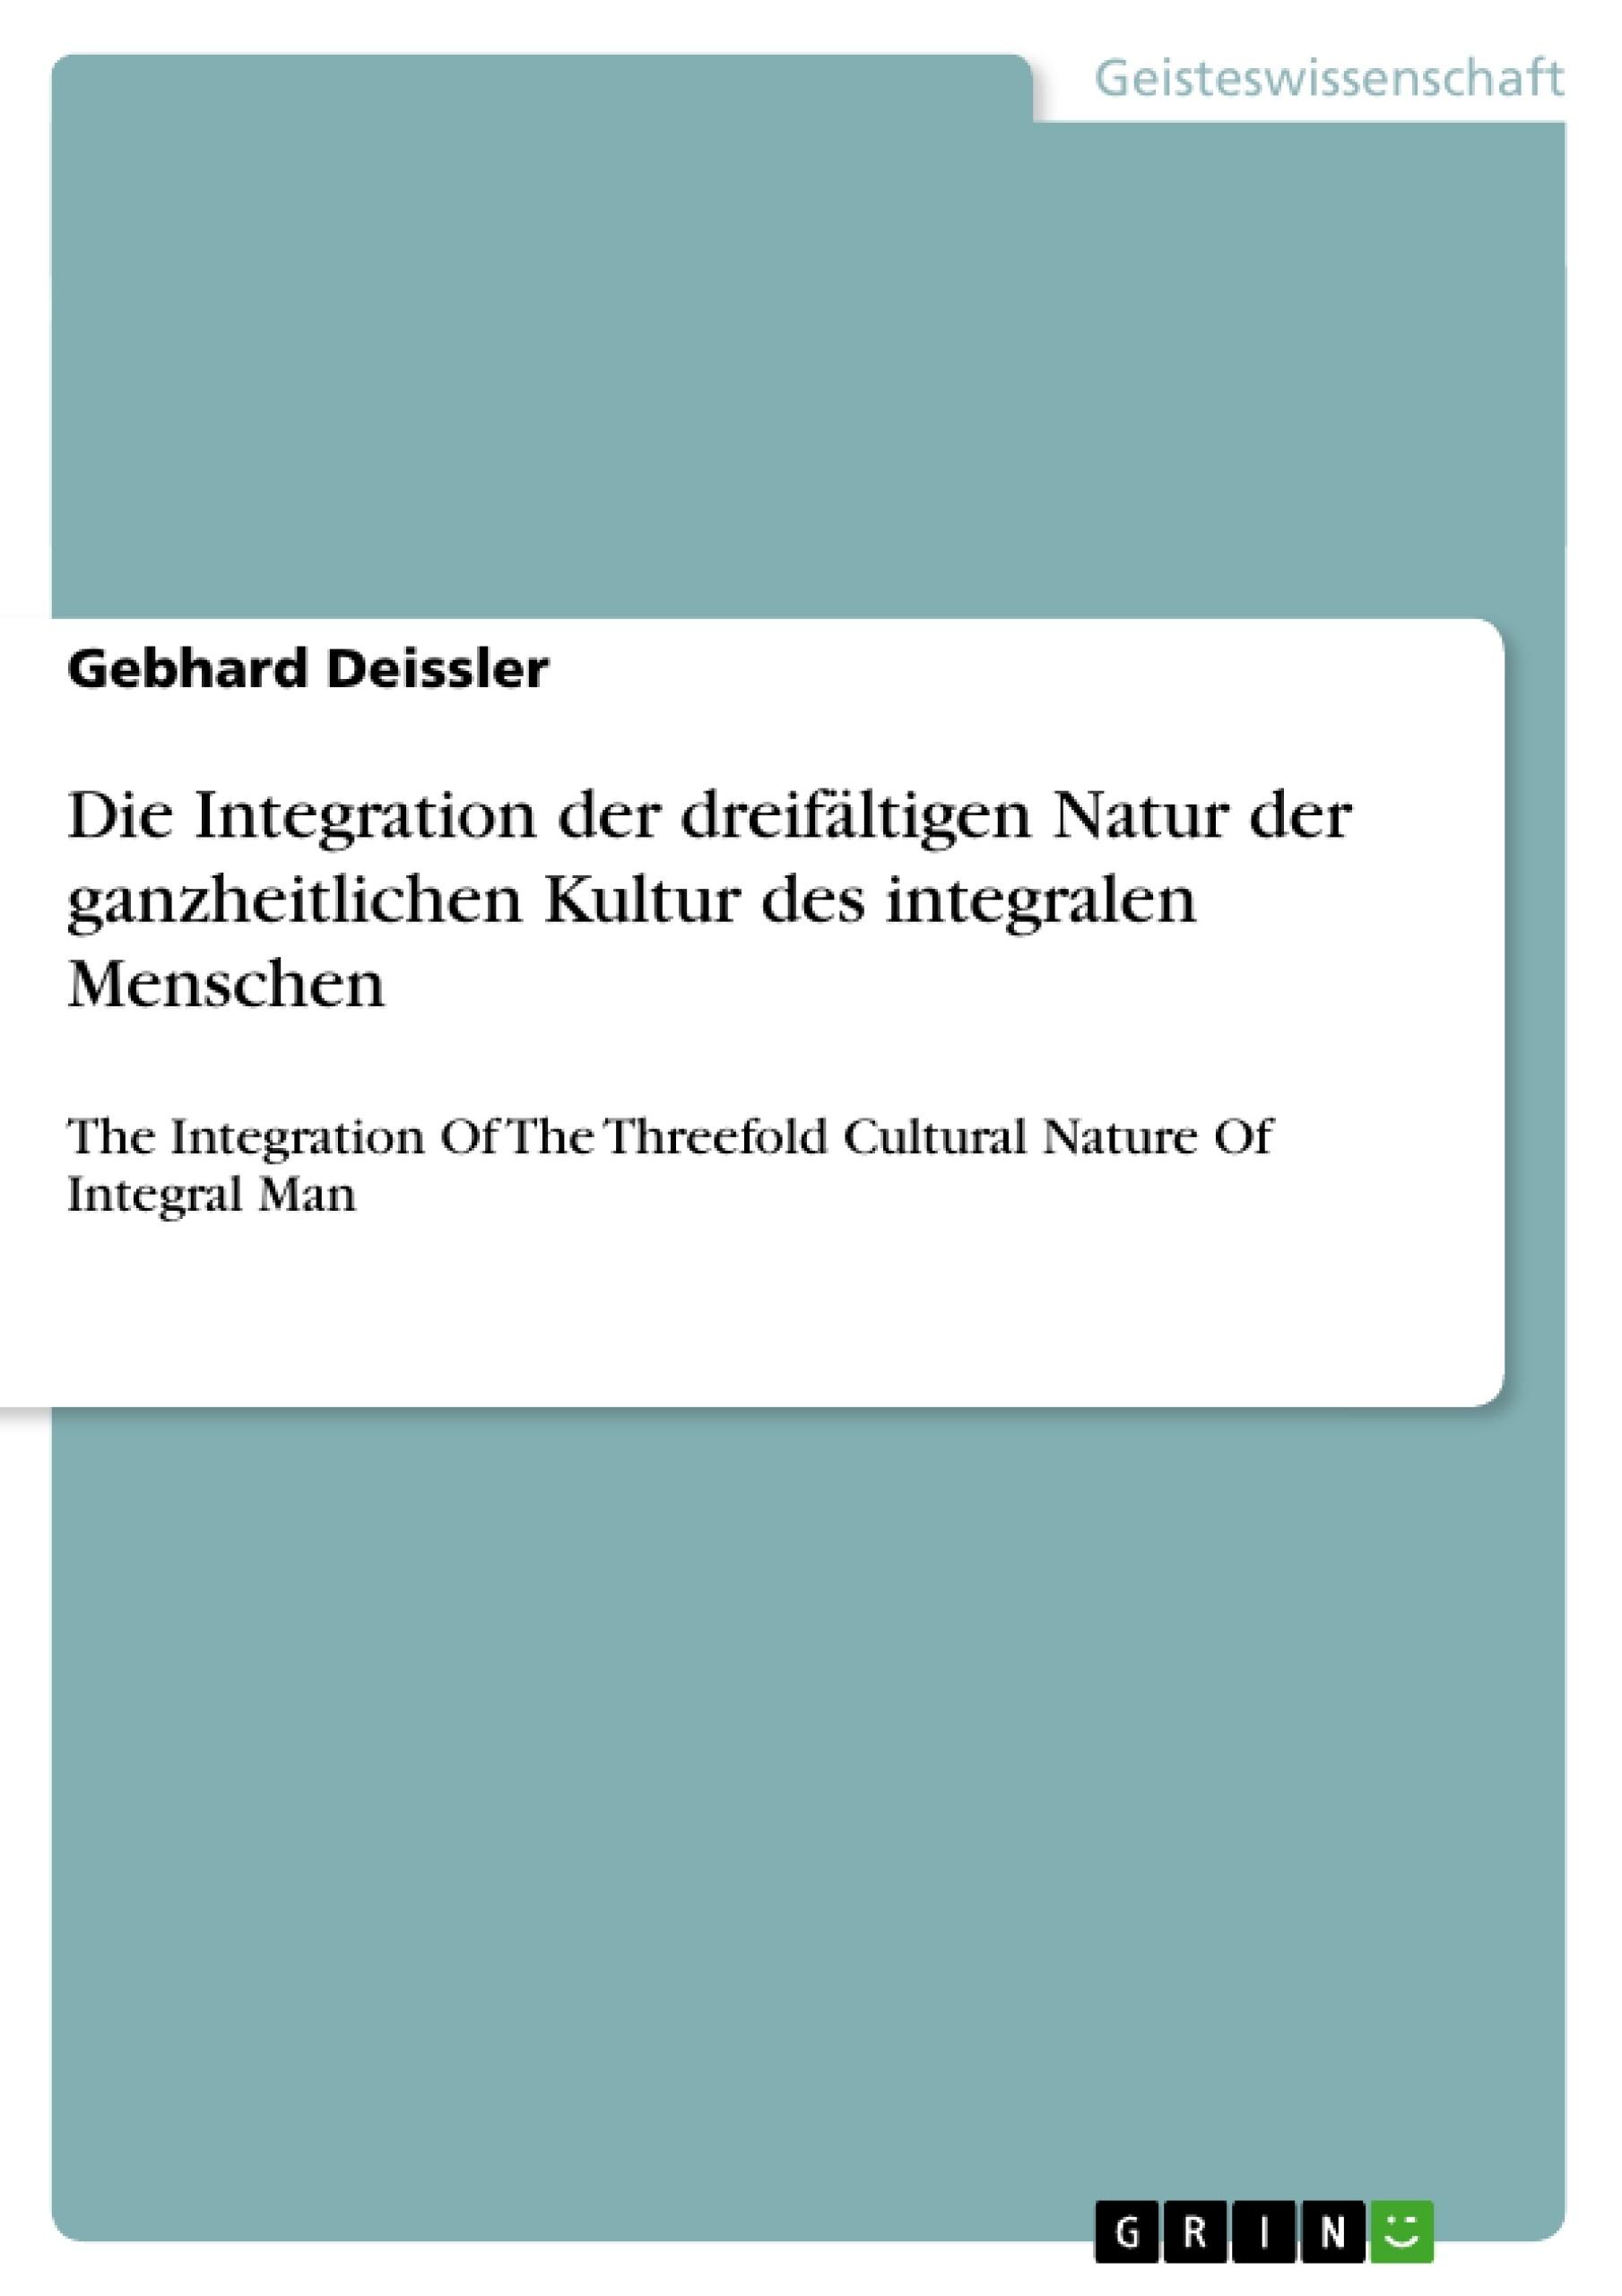 Titel: Die Integration der dreifältigen Natur der ganzheitlichen Kultur des integralen Menschen